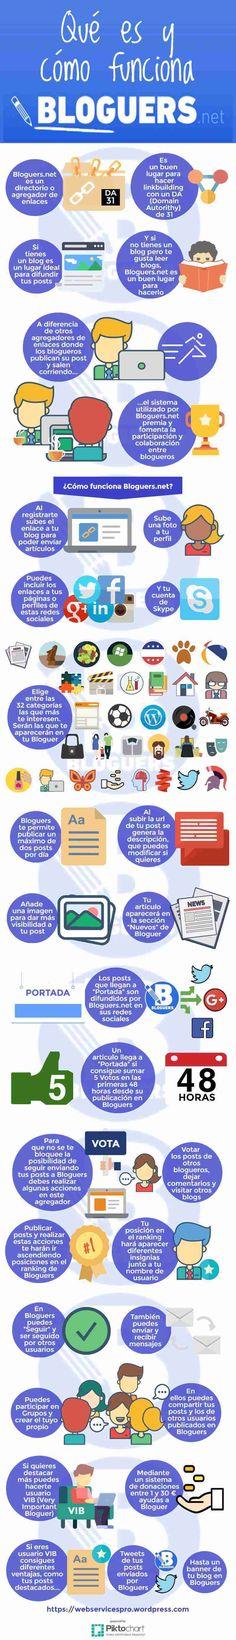 Qué es y cómo funciona Bloguers.net